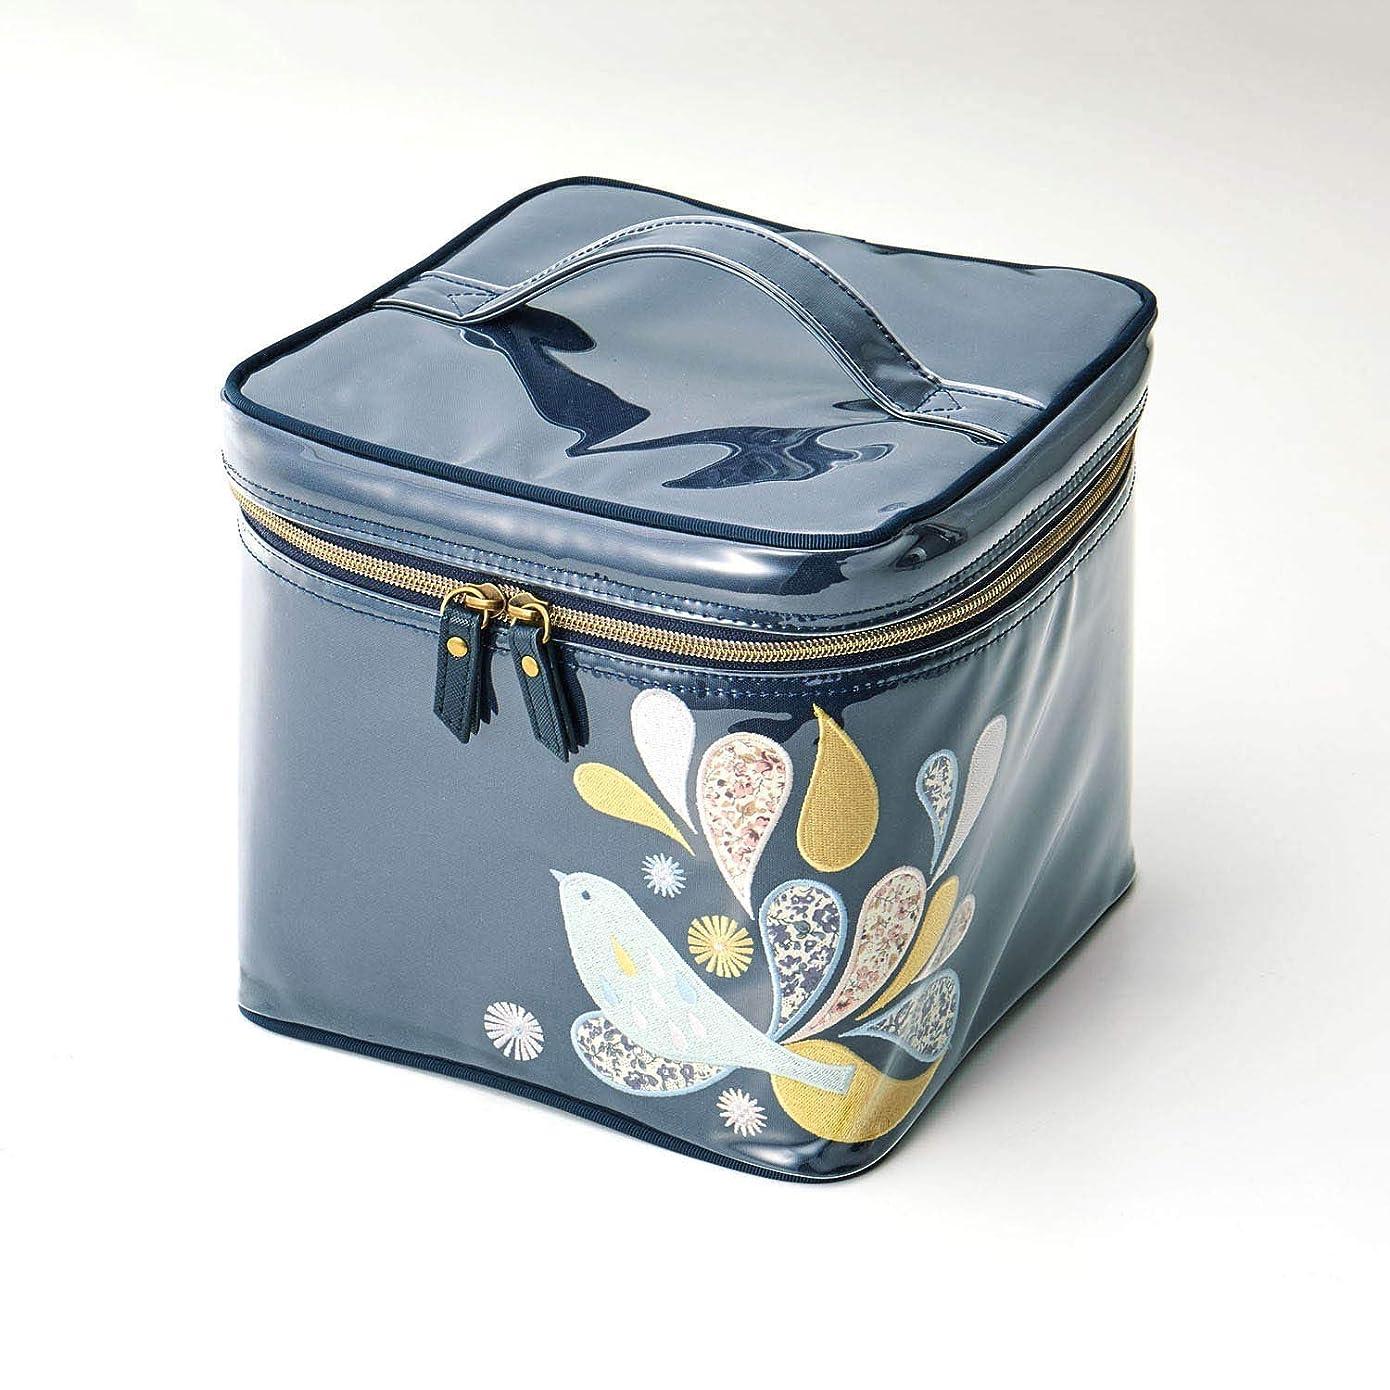 予約怪しい動作[ベルメゾン] たっぷり 入る 刺繍 & アップリケ の バニティ ケース コトリ タイプ:コトリ